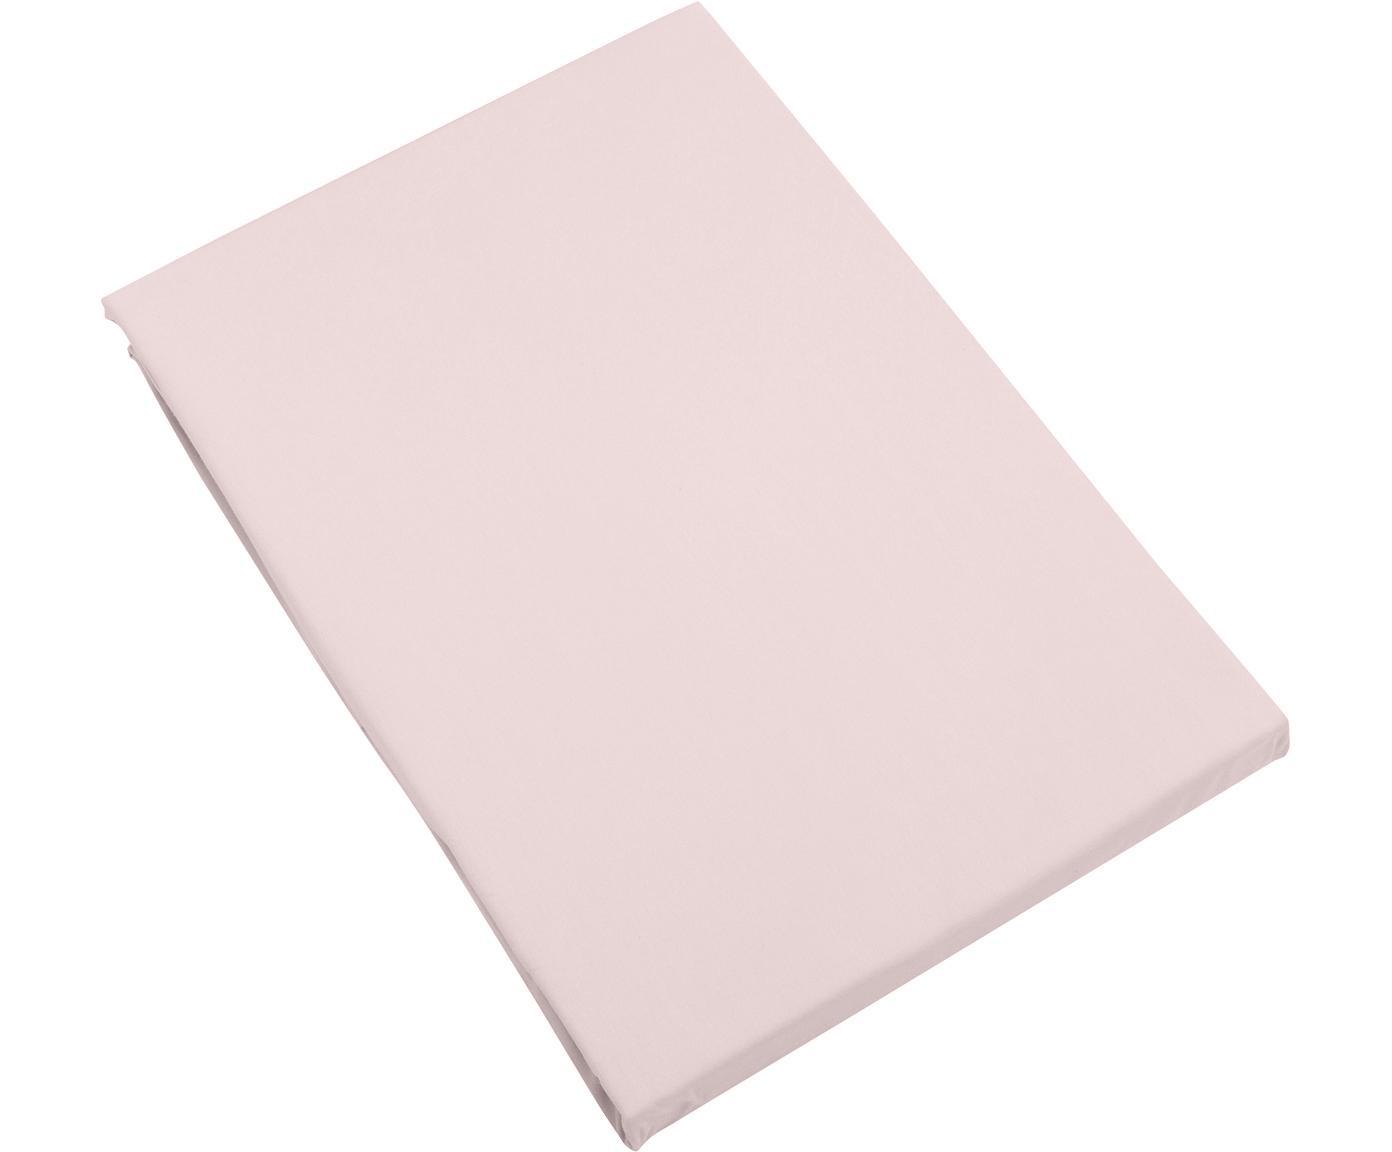 Prześcieradło z gumką z satyny bawełnianej Premium, Blady różowy, S 180 x D 200 cm